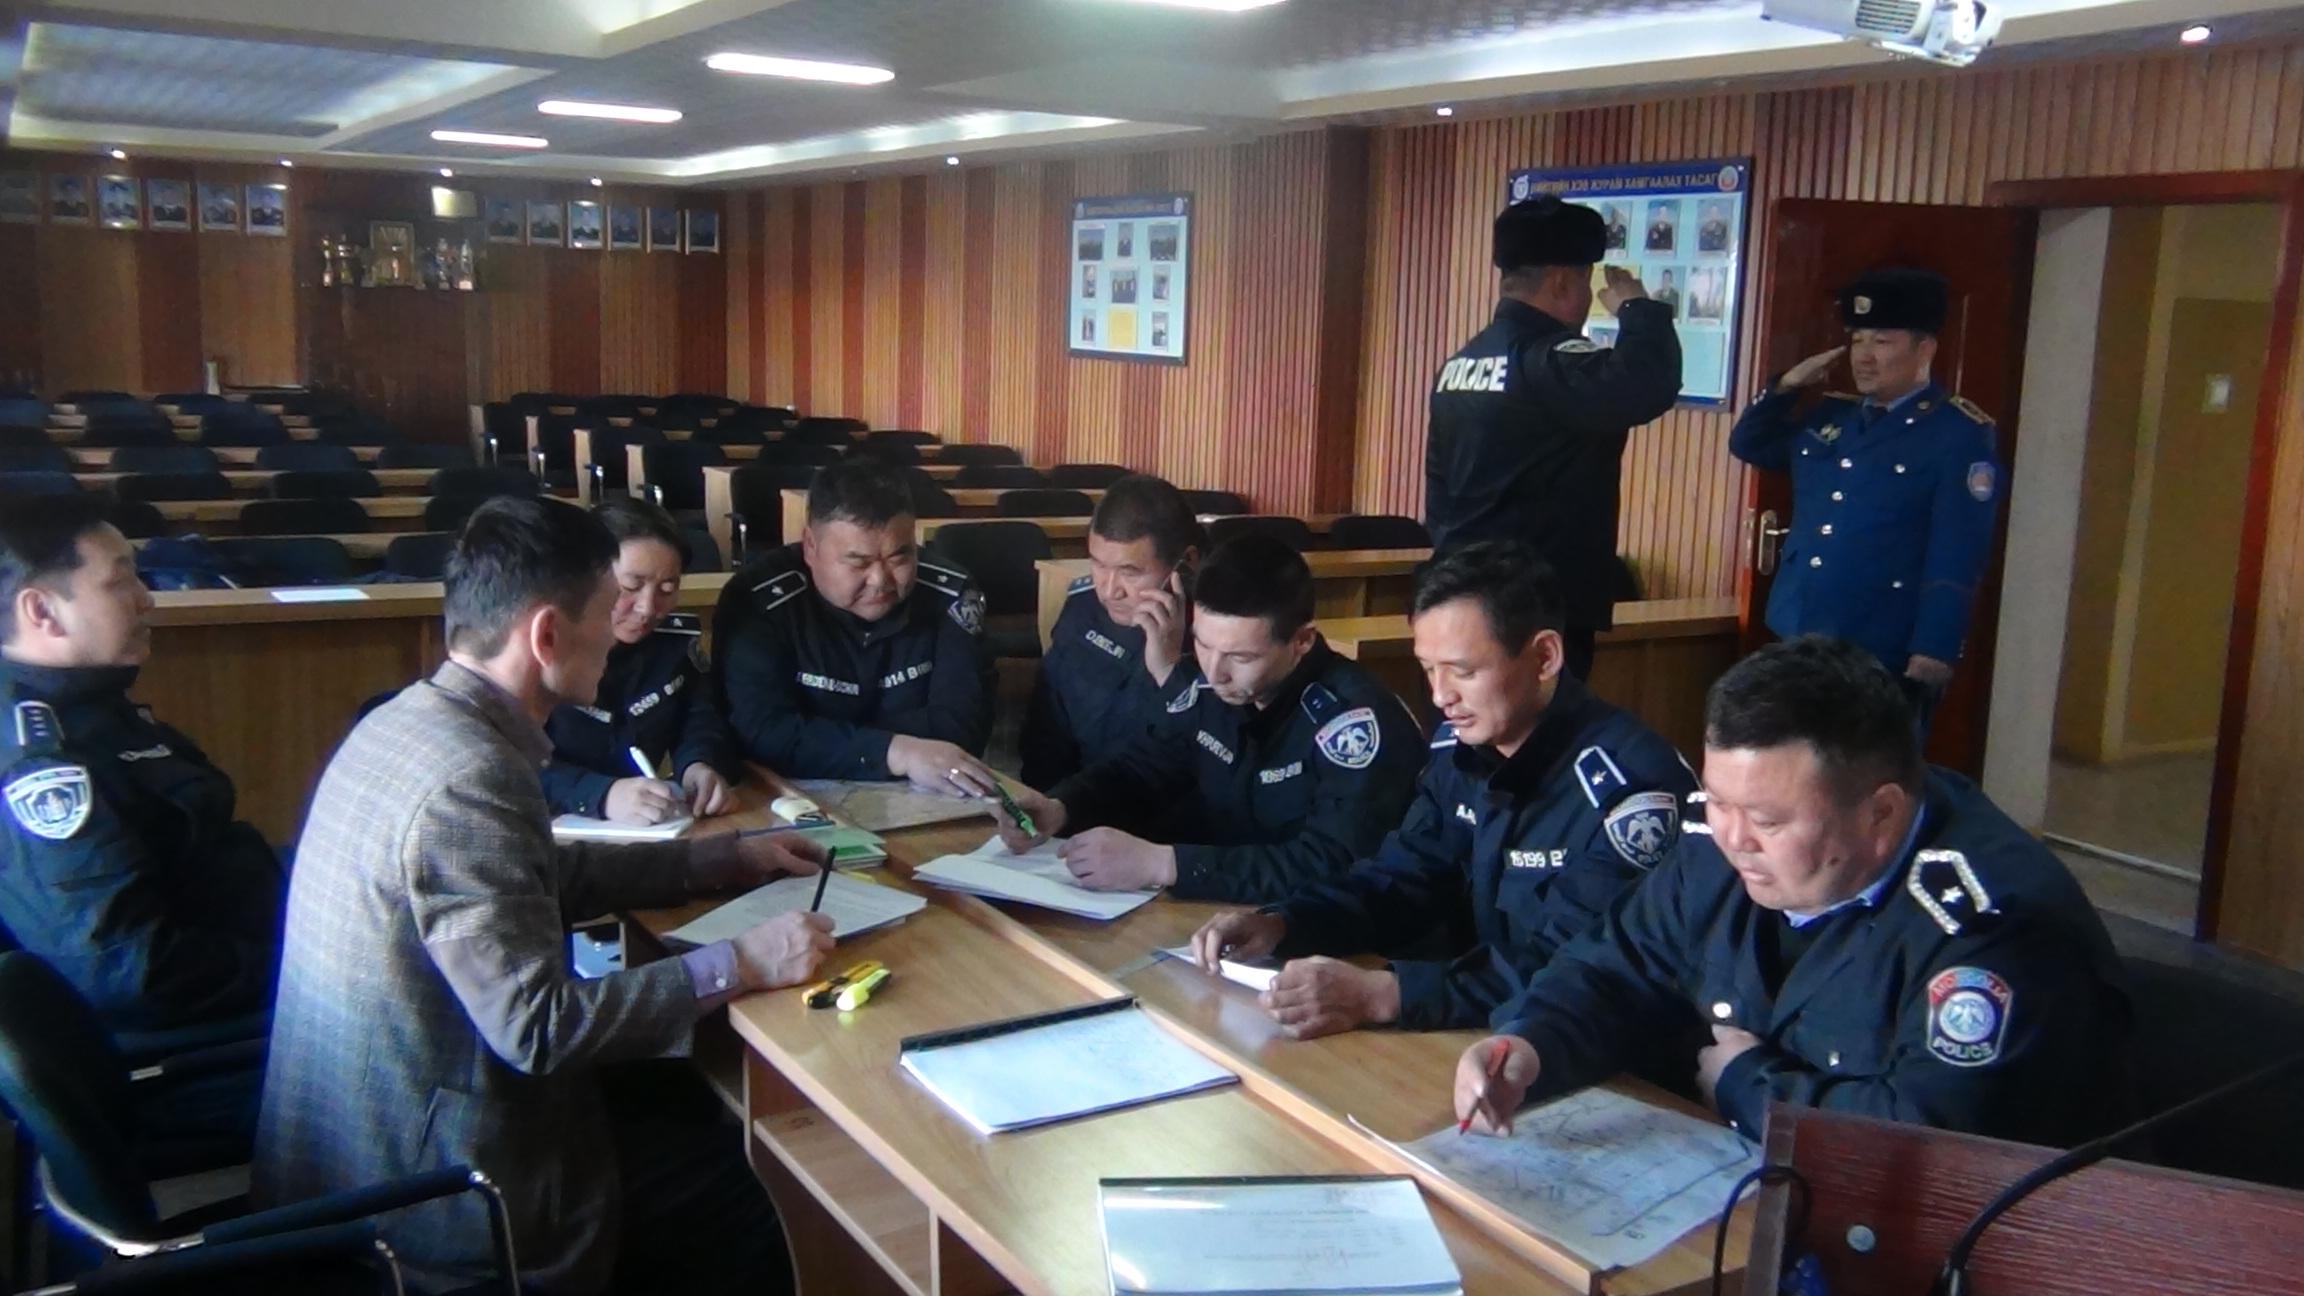 цагдаагийн албан хаагчдад сургалт зохион байгууллаа.